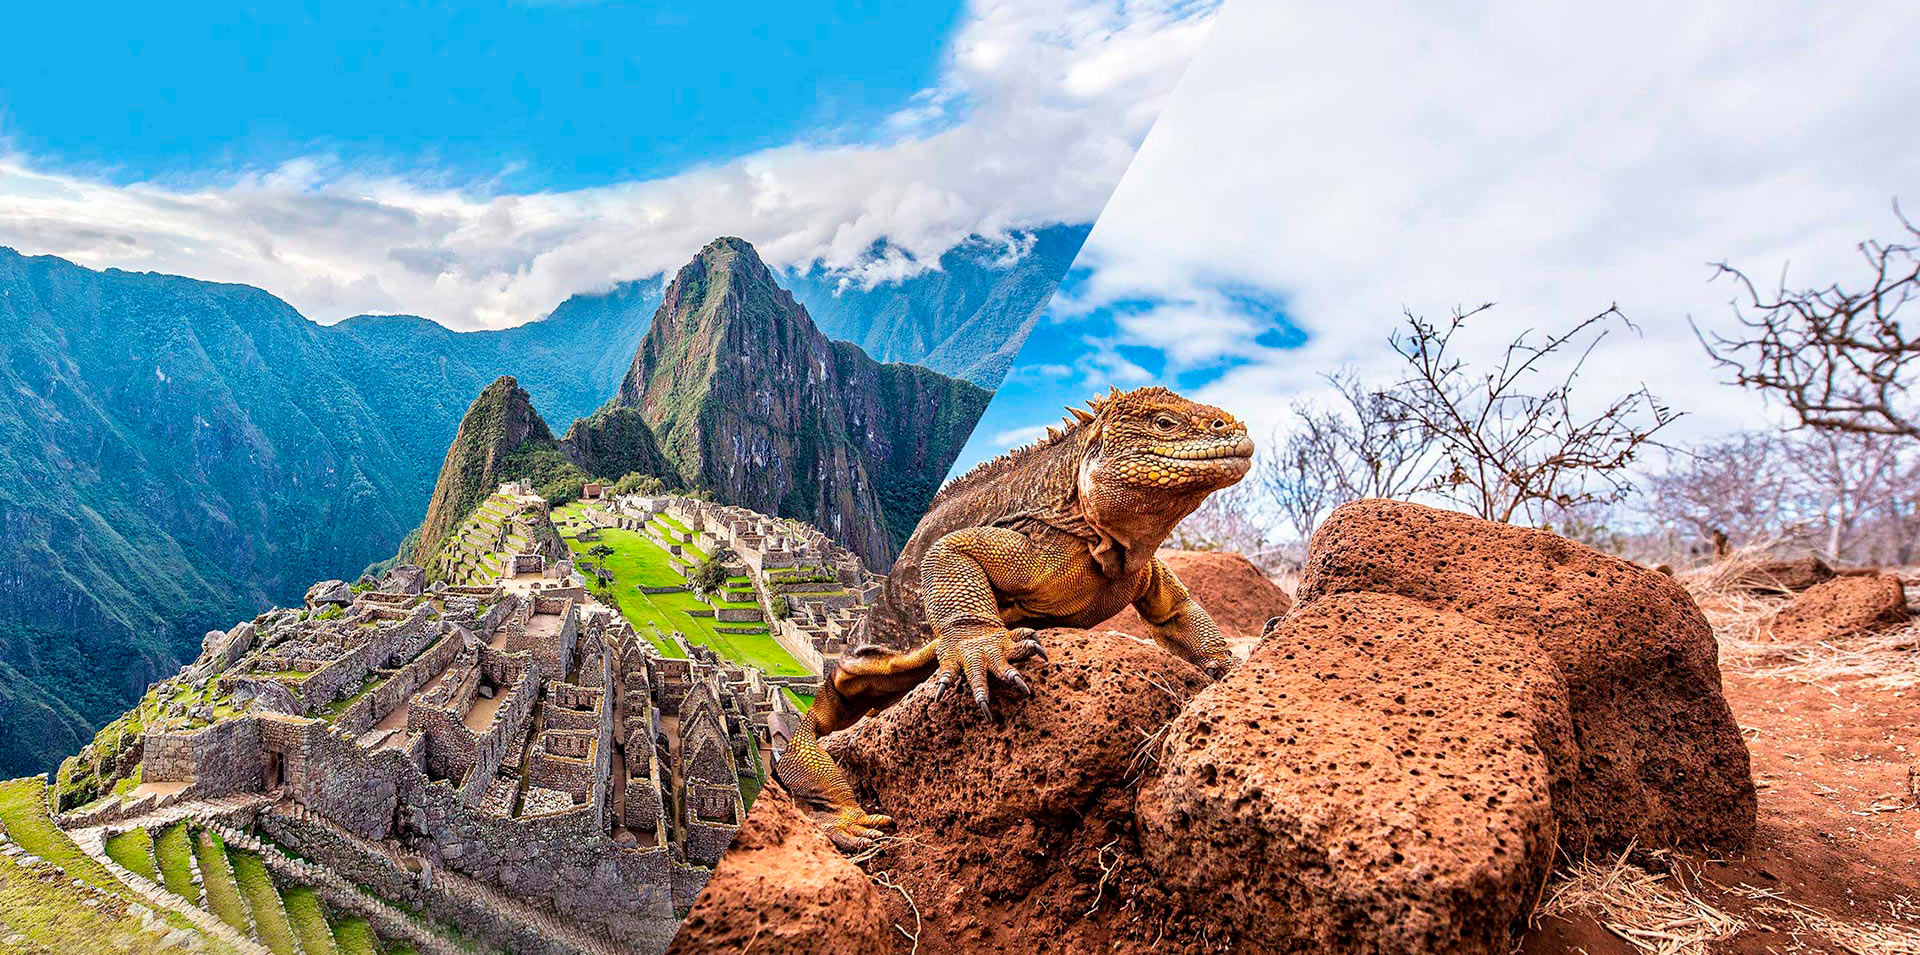 Machu Picchu Citadel and the Galapagos Islands Tour